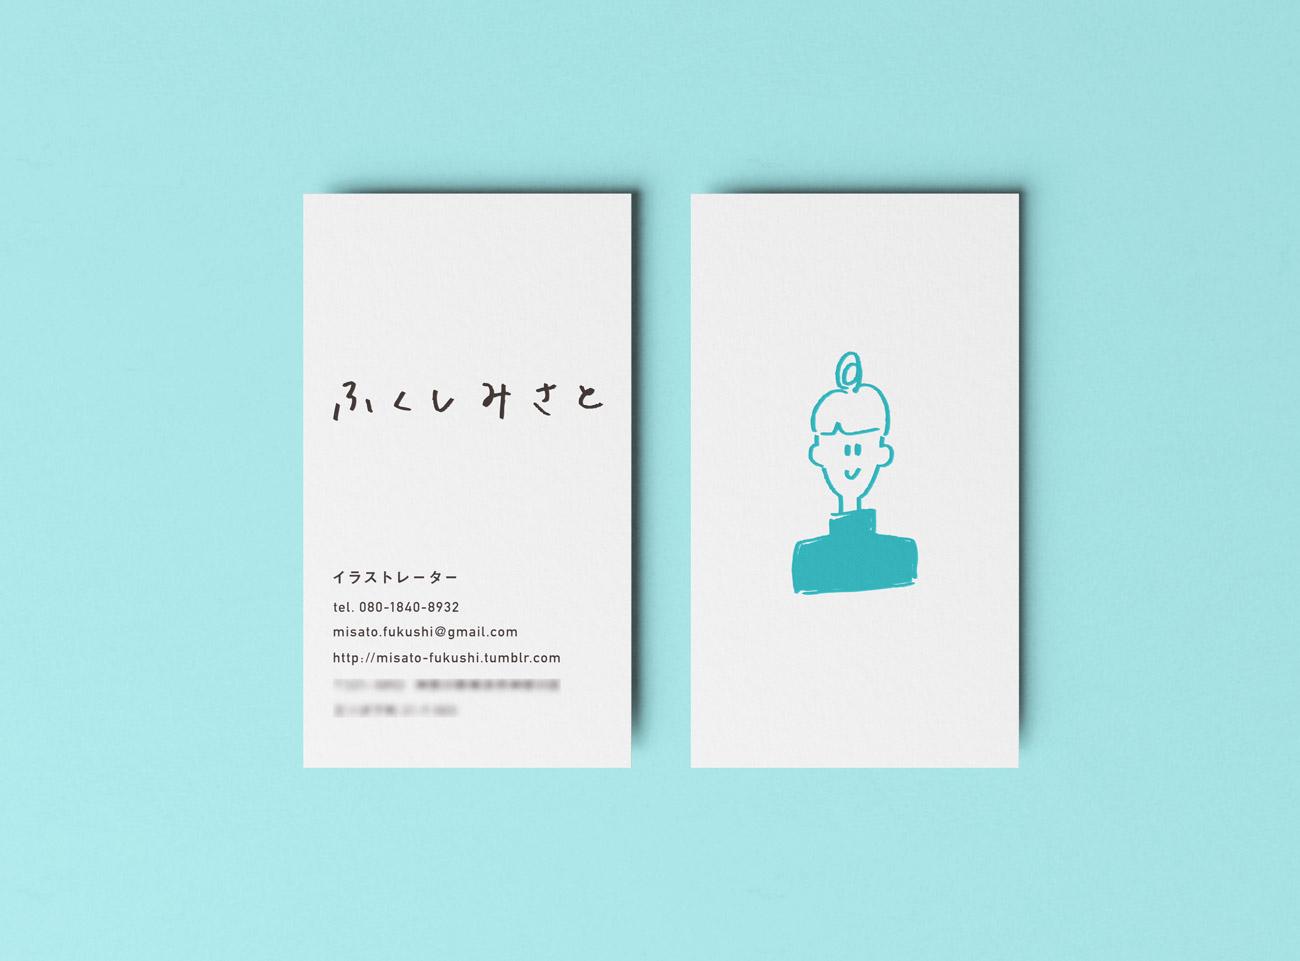 ふくしみさと名刺02s